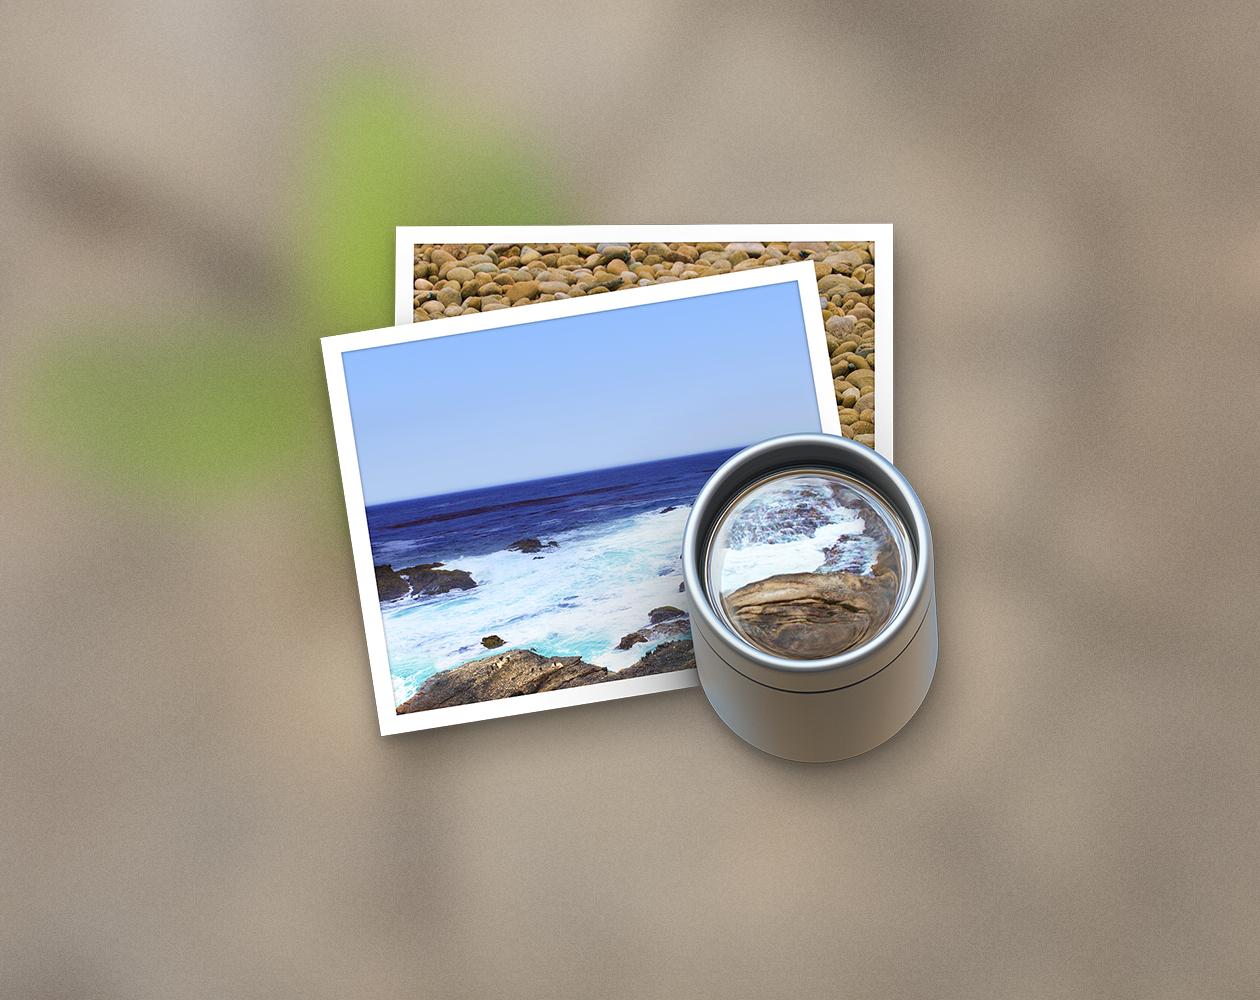 Как получить доступ к скрытым возможностям Просмотра OS X